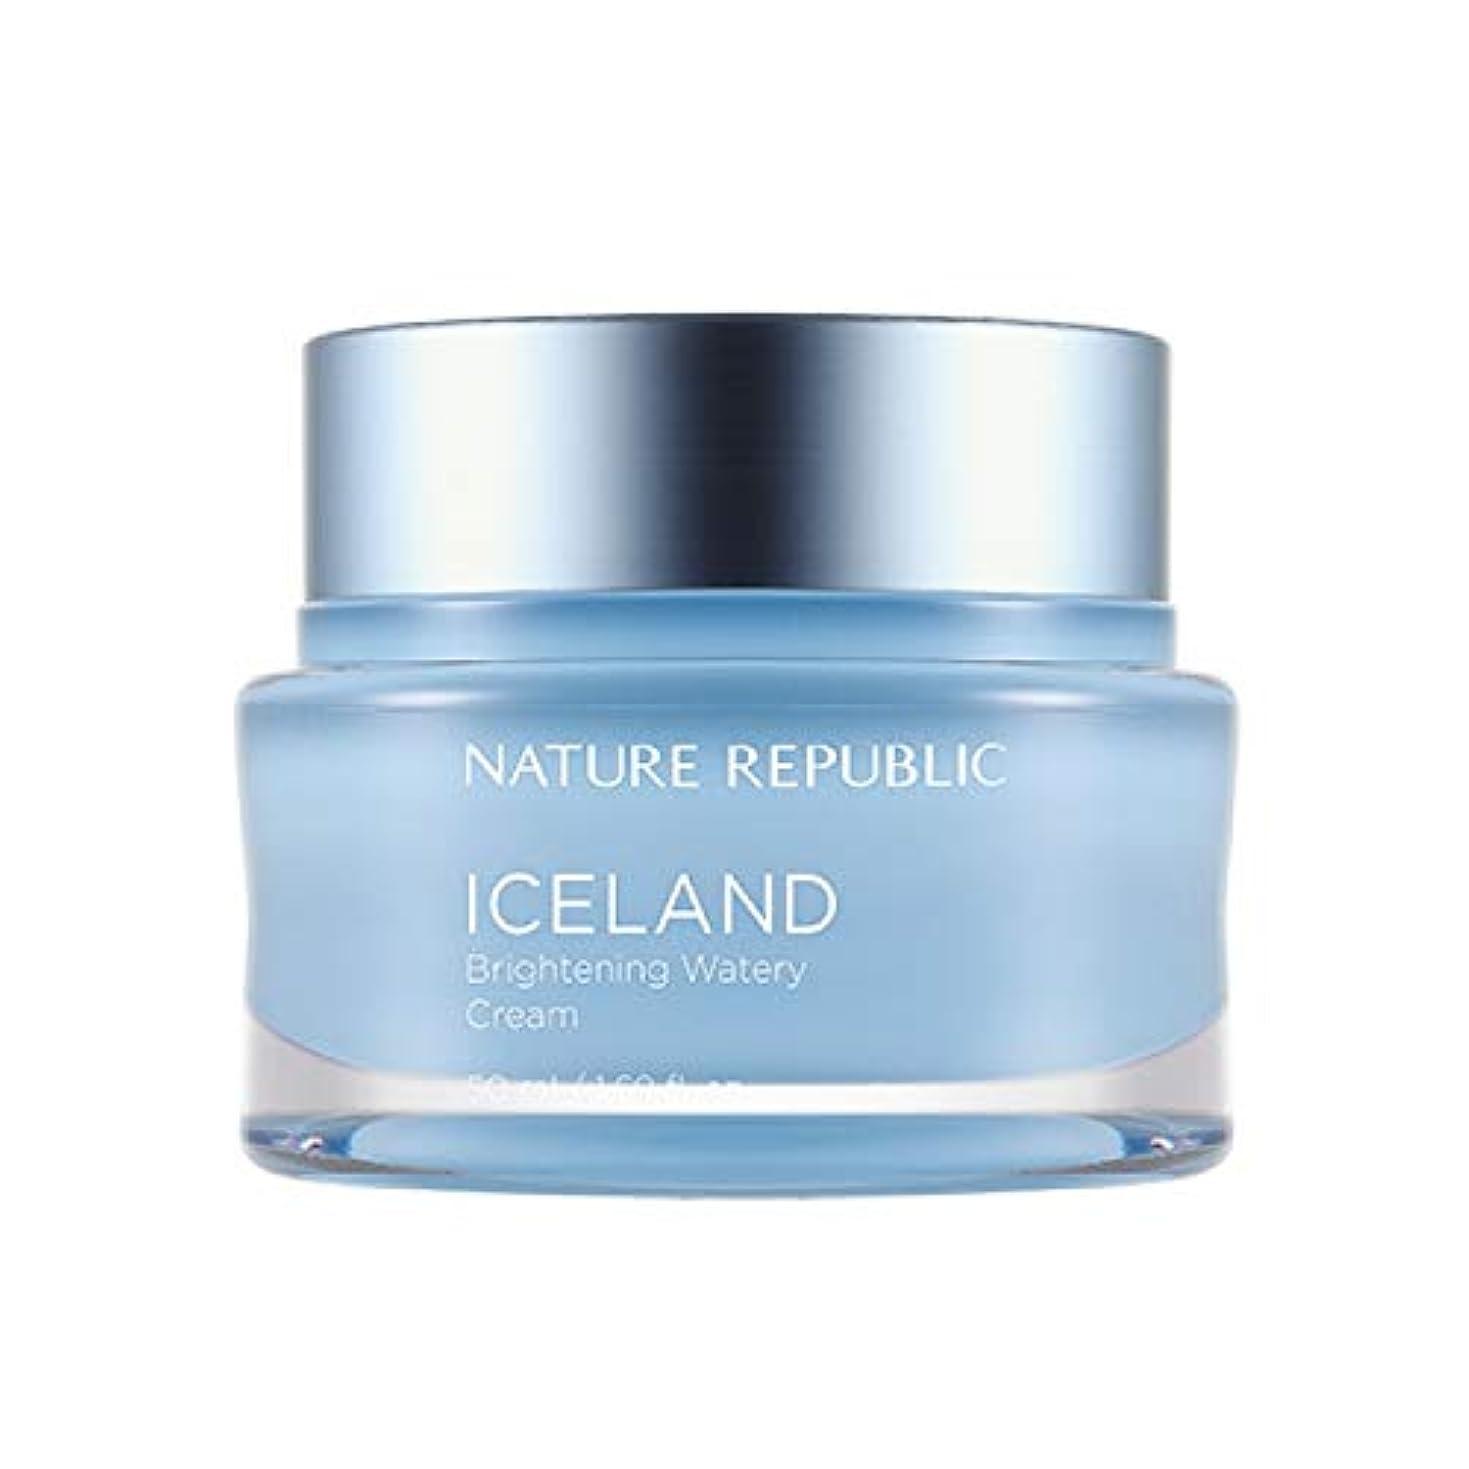 資本主義プレビューロック解除ネイチャーリパブリック(Nature Republic)アイスブライトニング水分クリーム 50ml / Iceland Brightening Watery Cream 50ml :: 韓国コスメ [並行輸入品]